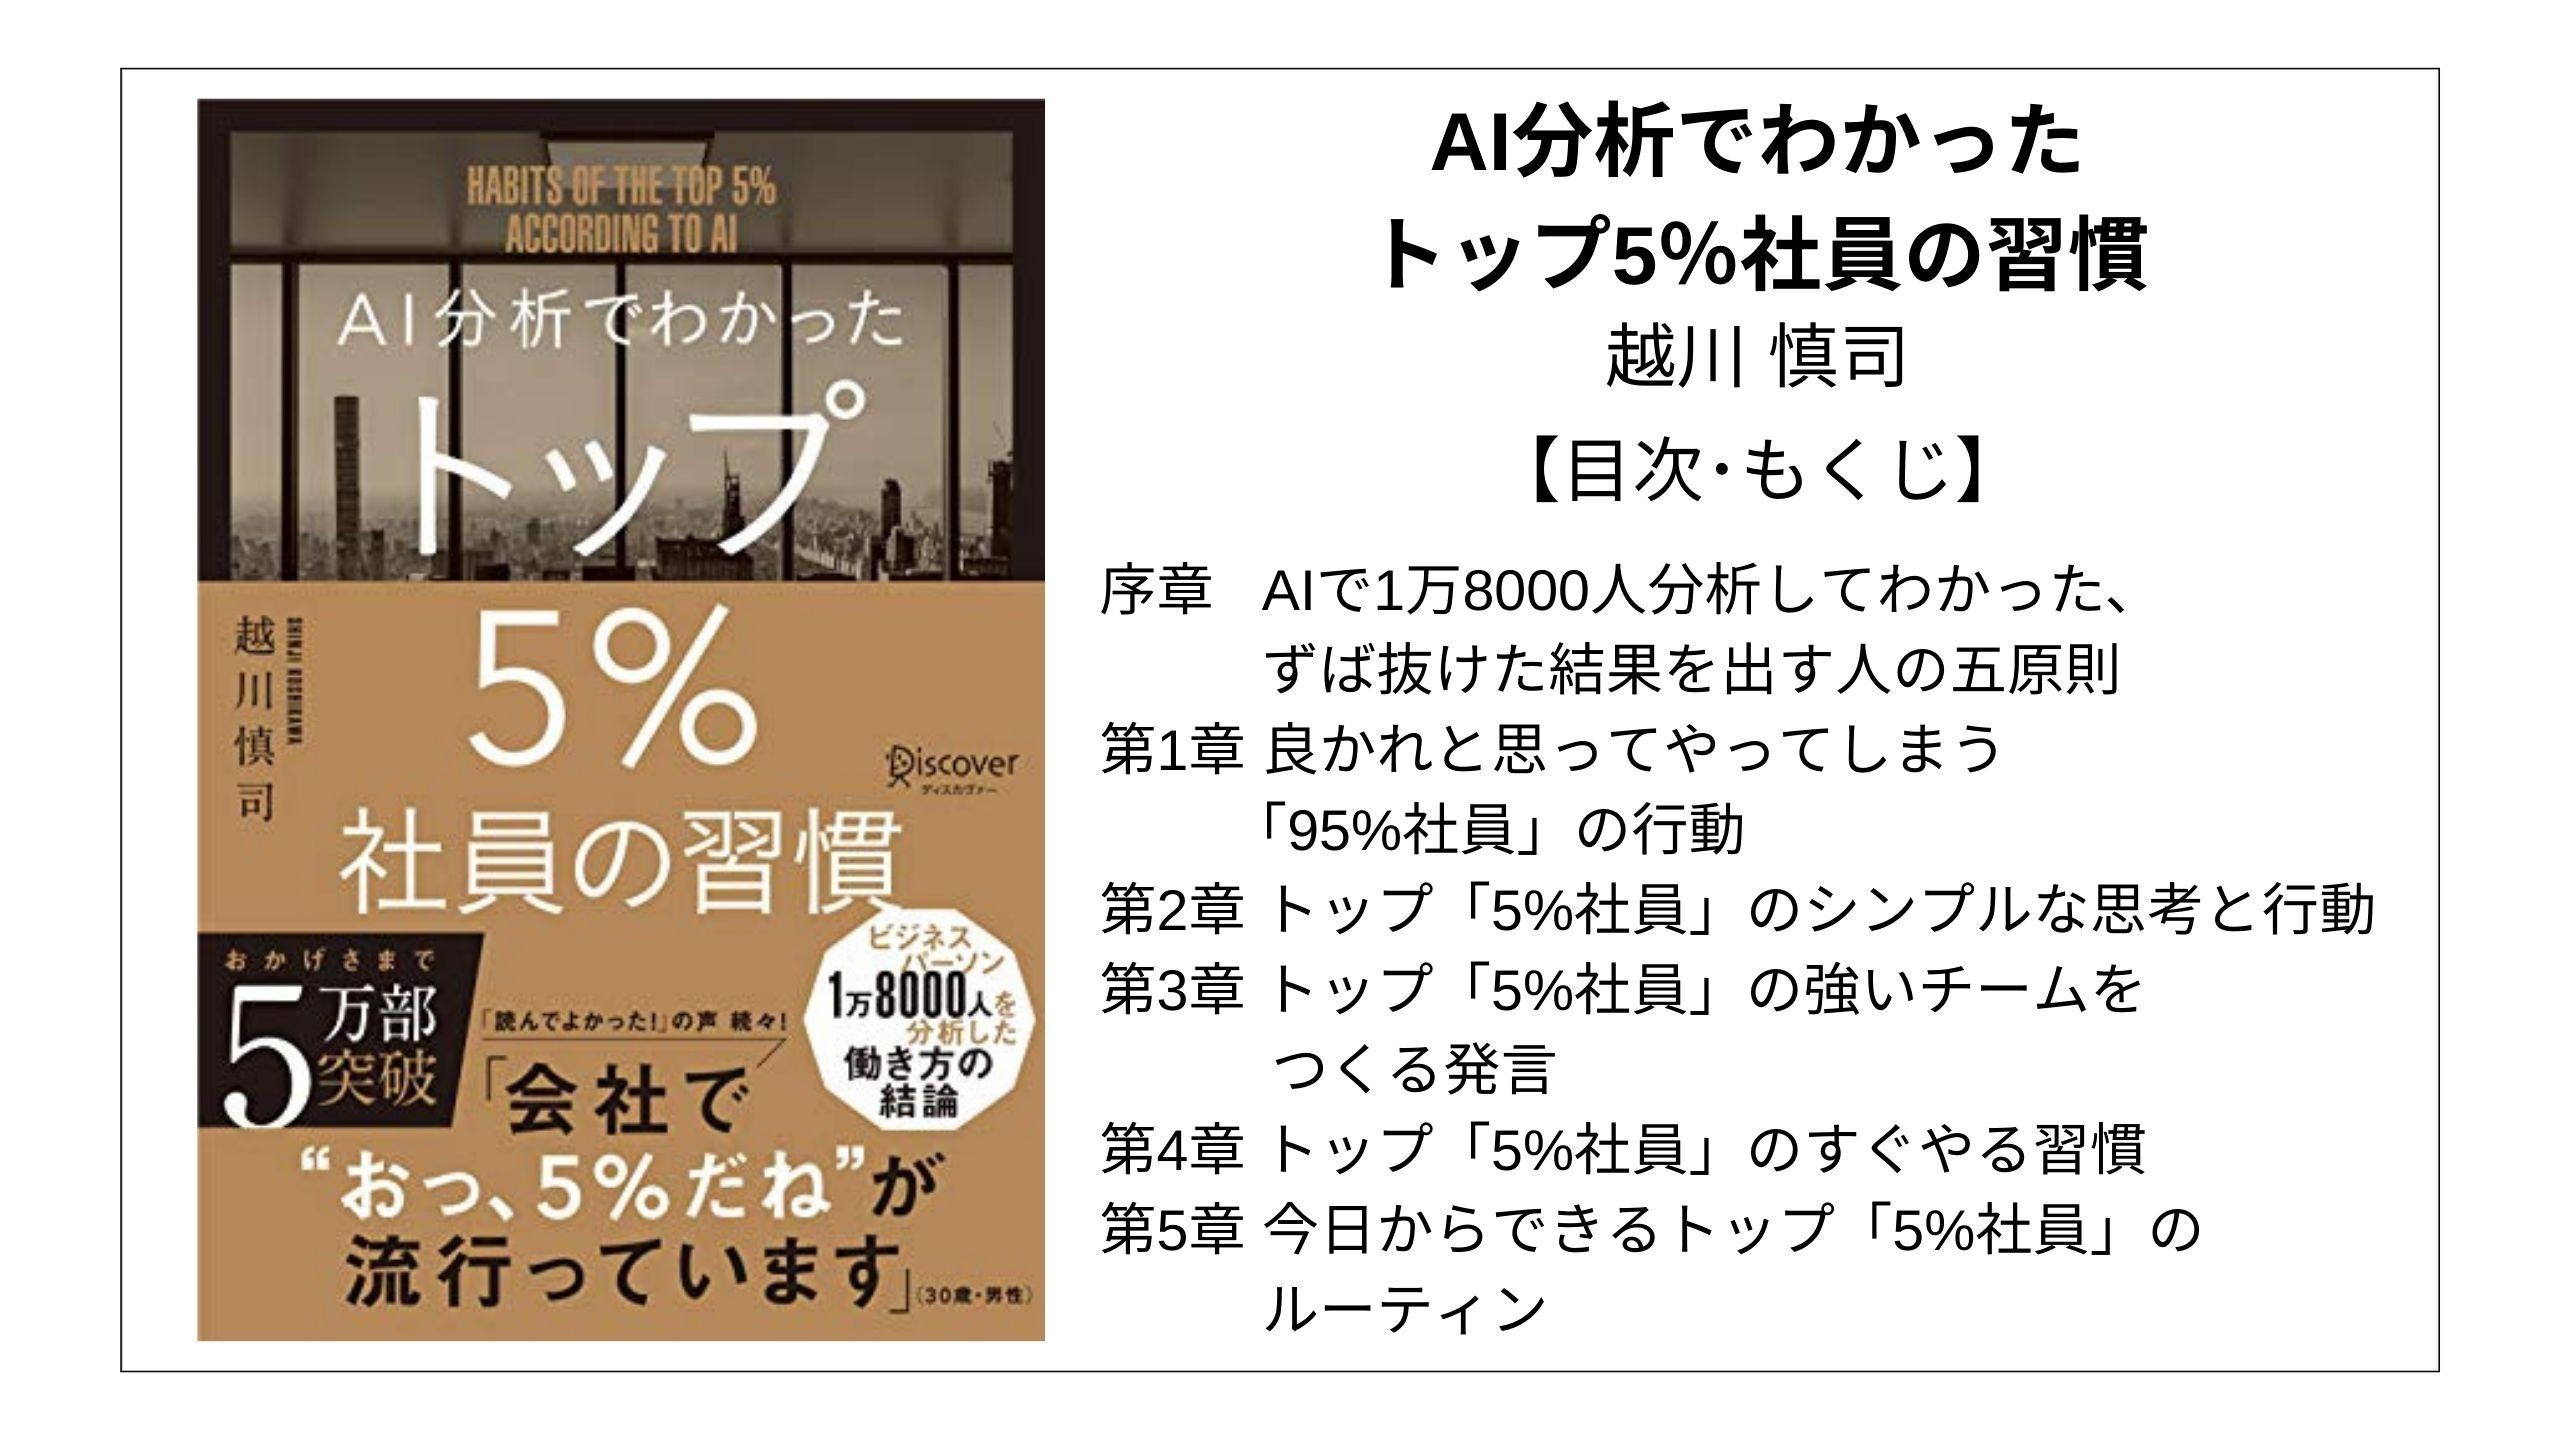 【全目次】AI分析でわかった トップ5%社員の習慣 / 越川 慎司【要点・もくじ】 モクホン 1分で成長するための本の目次を読むサイト